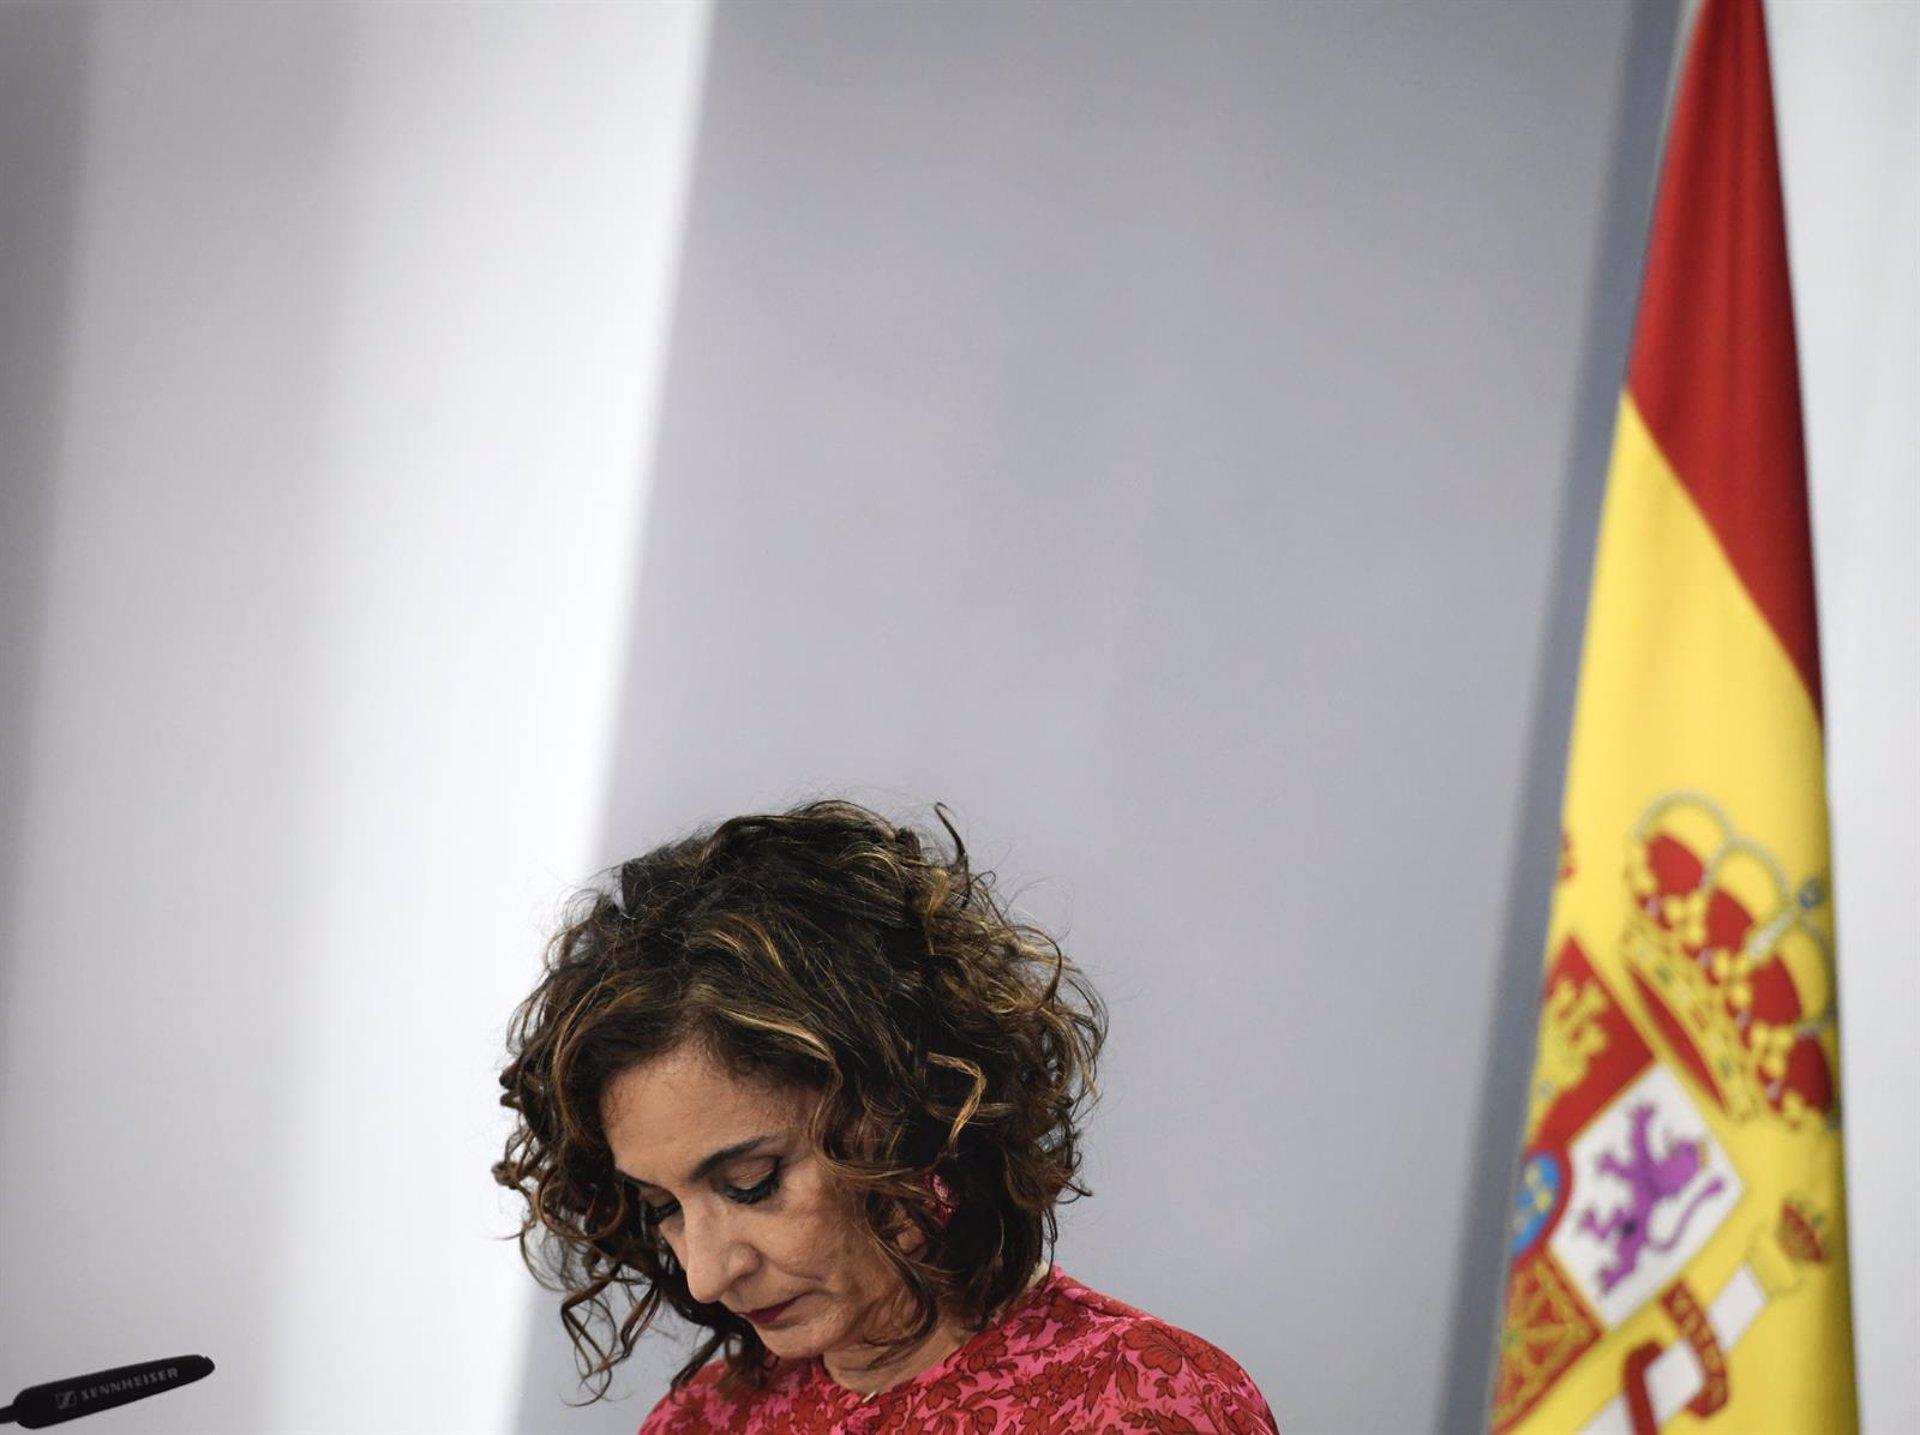 El Gobierno se muestra «prudente» sobre posible indulto a Juana Rivas hasta que lo revisen los servicios jurídicos